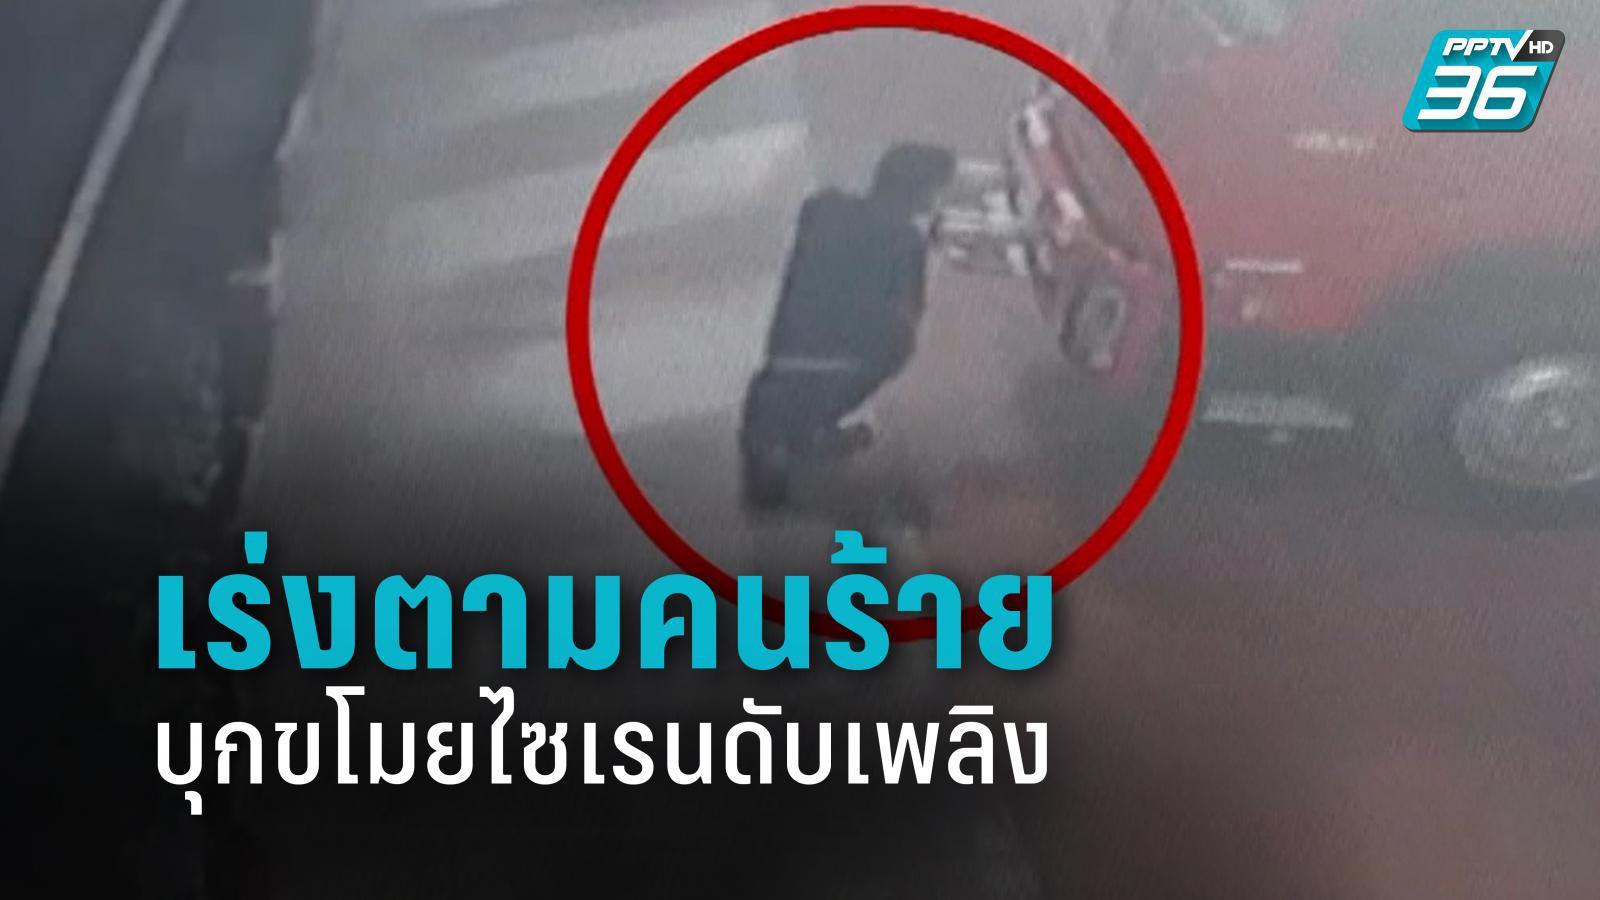 เร่งตามคนร้ายบุกขโมยไซเรนดับเพลิง คาดมีใบสั่งเพราะราคาแพง